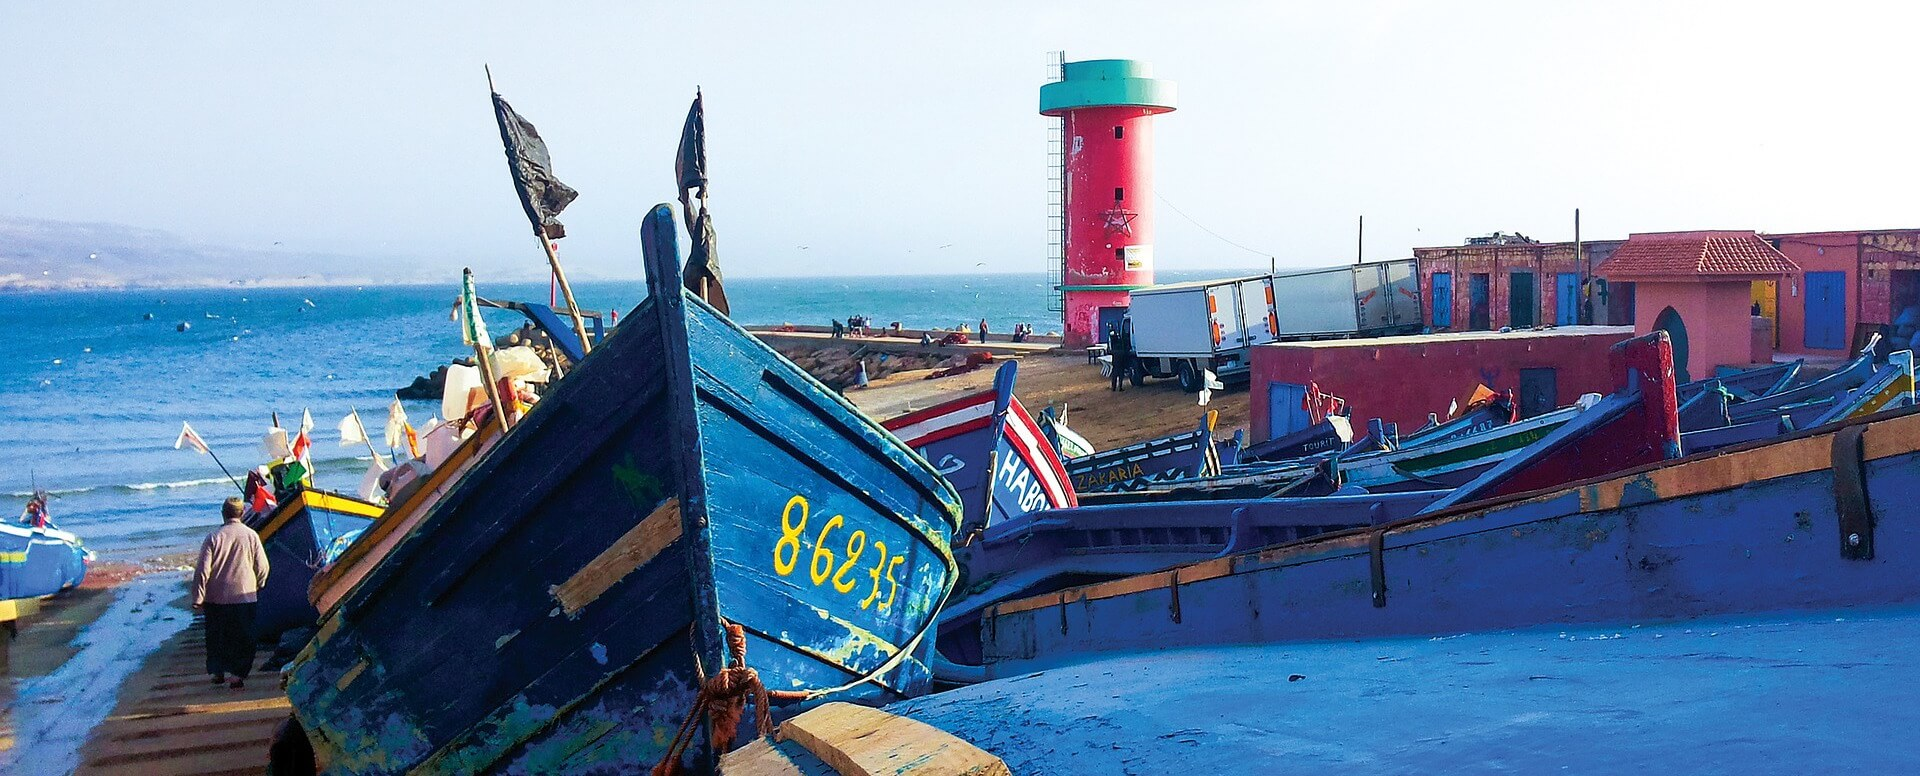 Balade en bateau - Essaouira